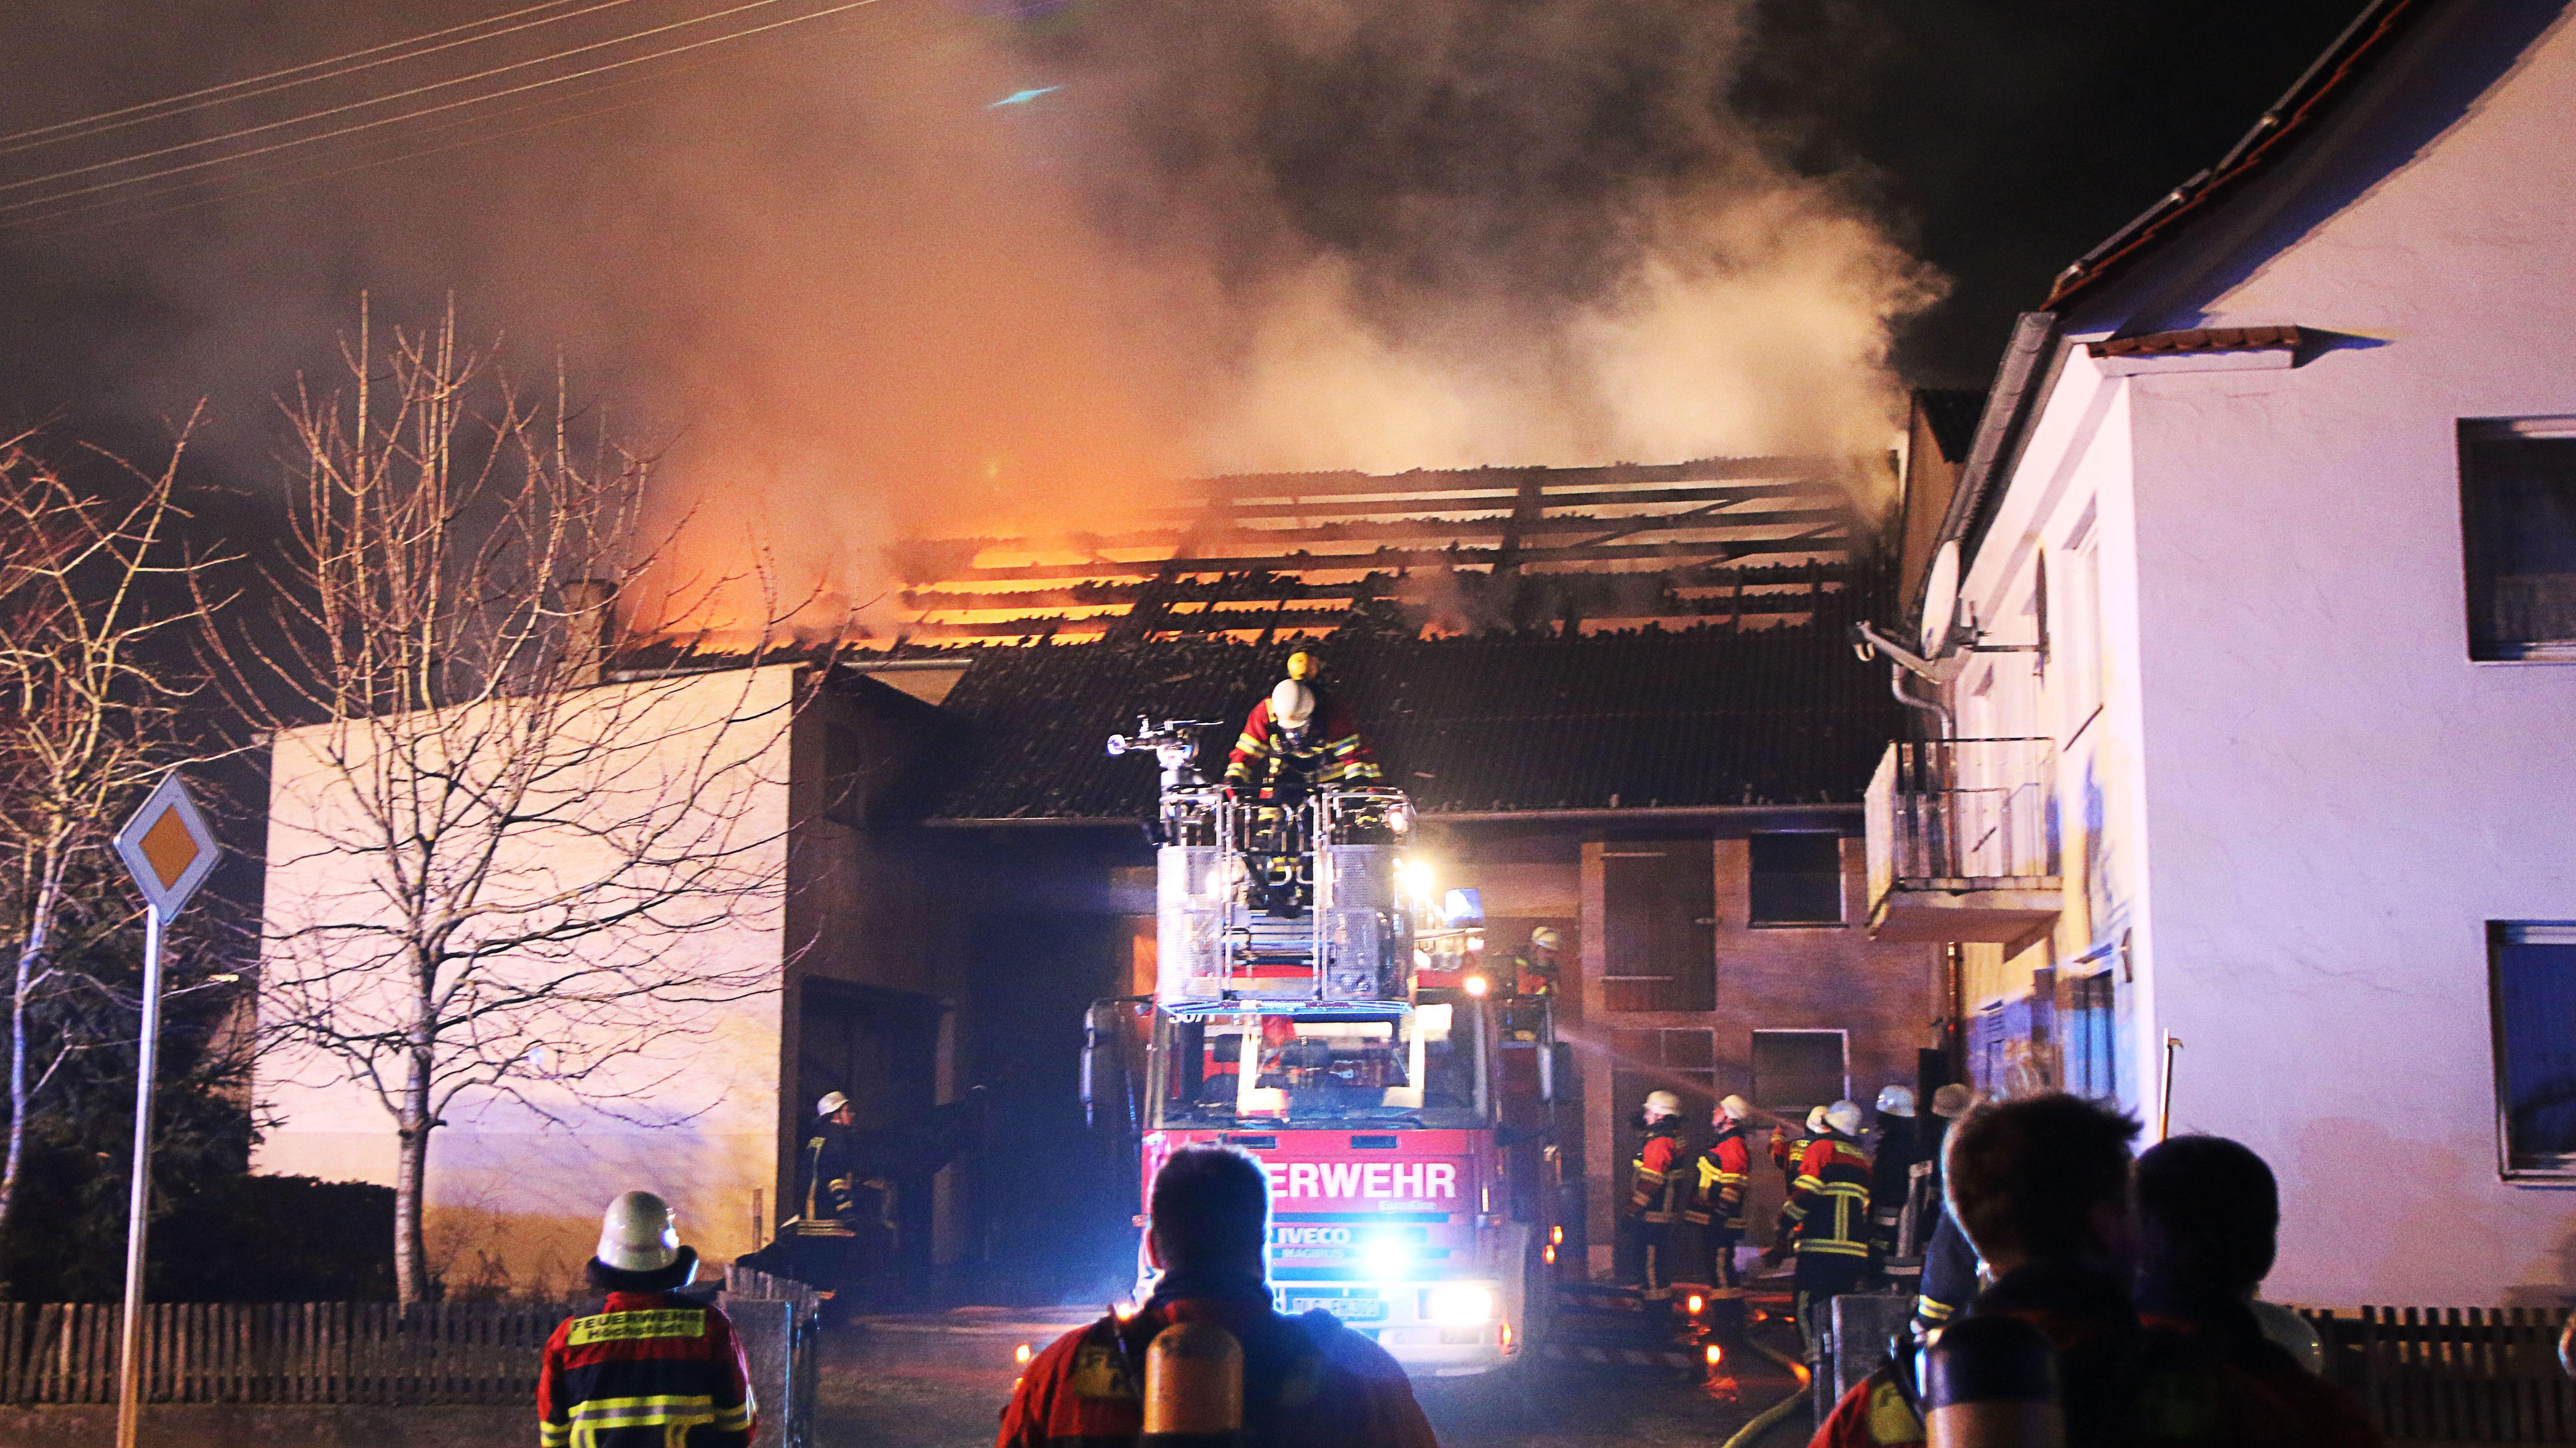 Einsatzkräfte der Feuerwehr mit Drehleiter bei einem Scheunenbrand in Deisenhofen